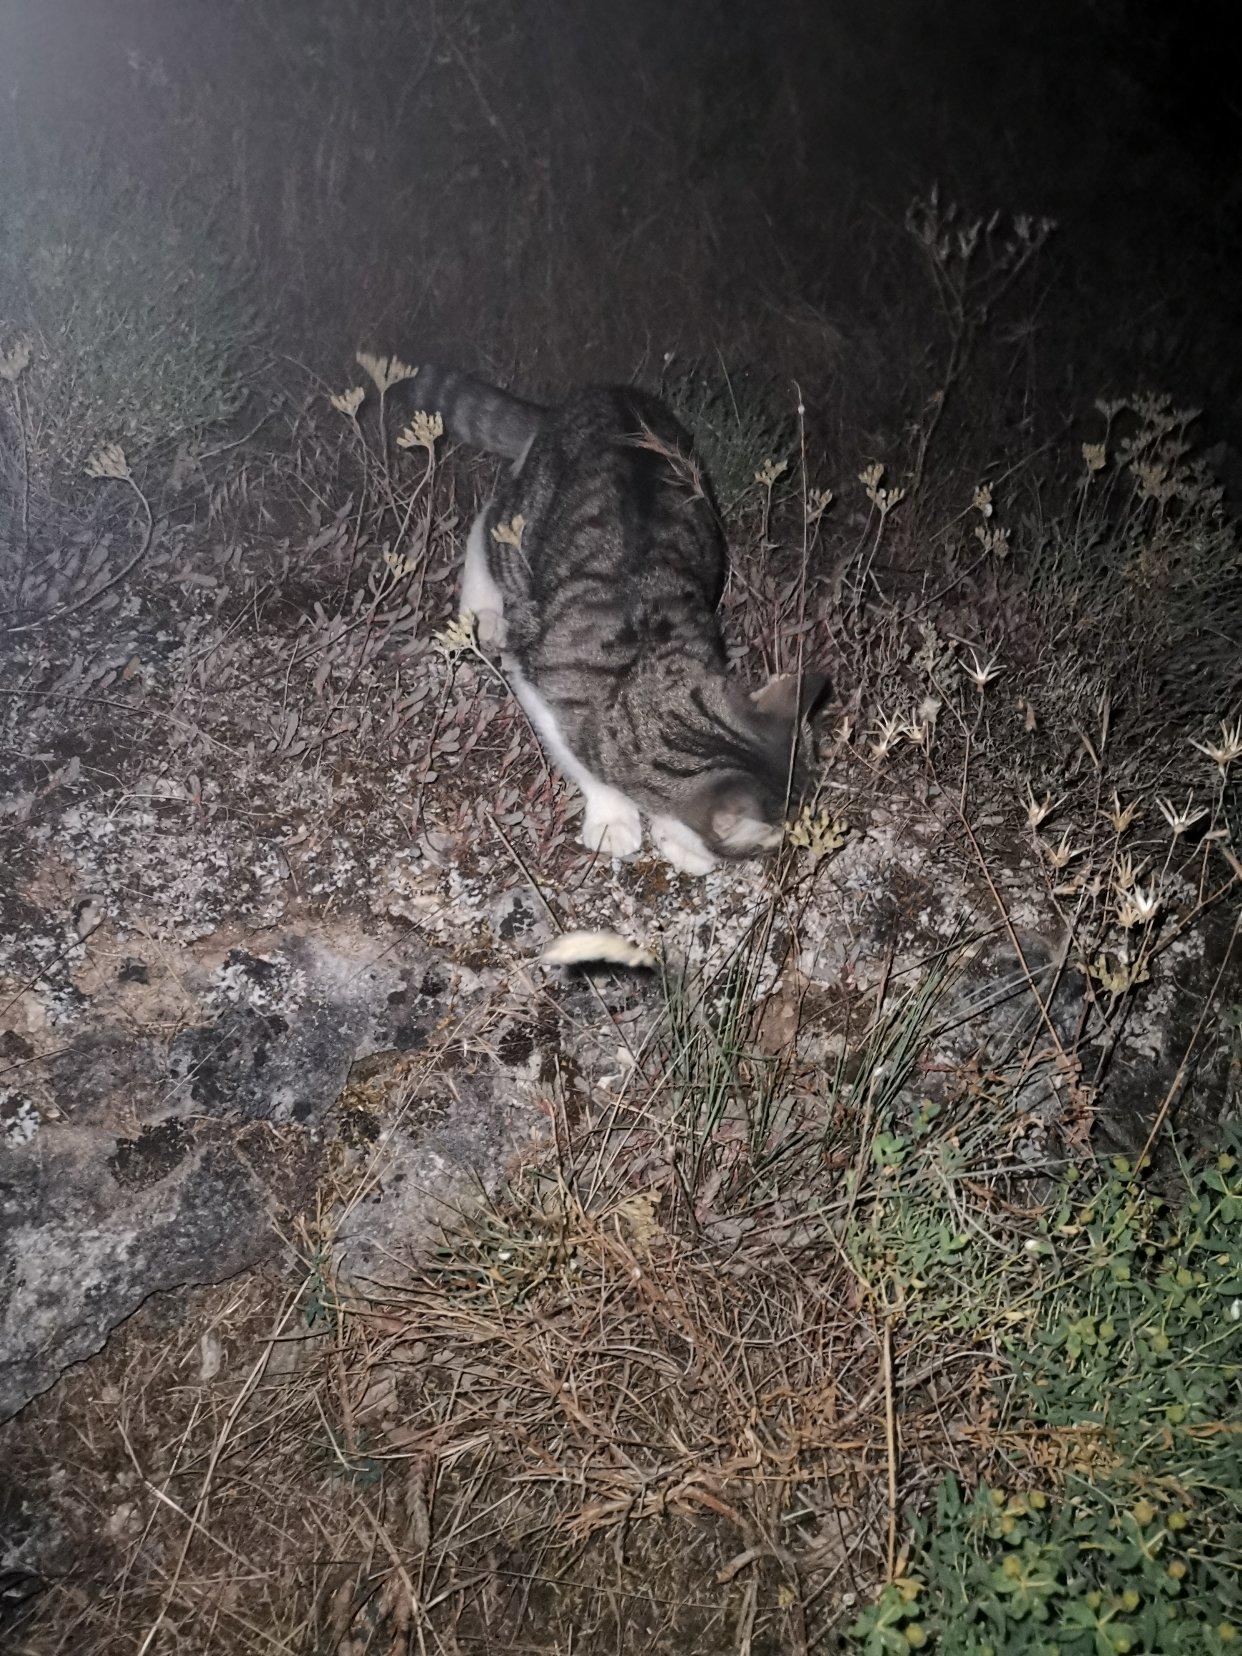 昨晚遇到的走山猫,今天又来打招呼了